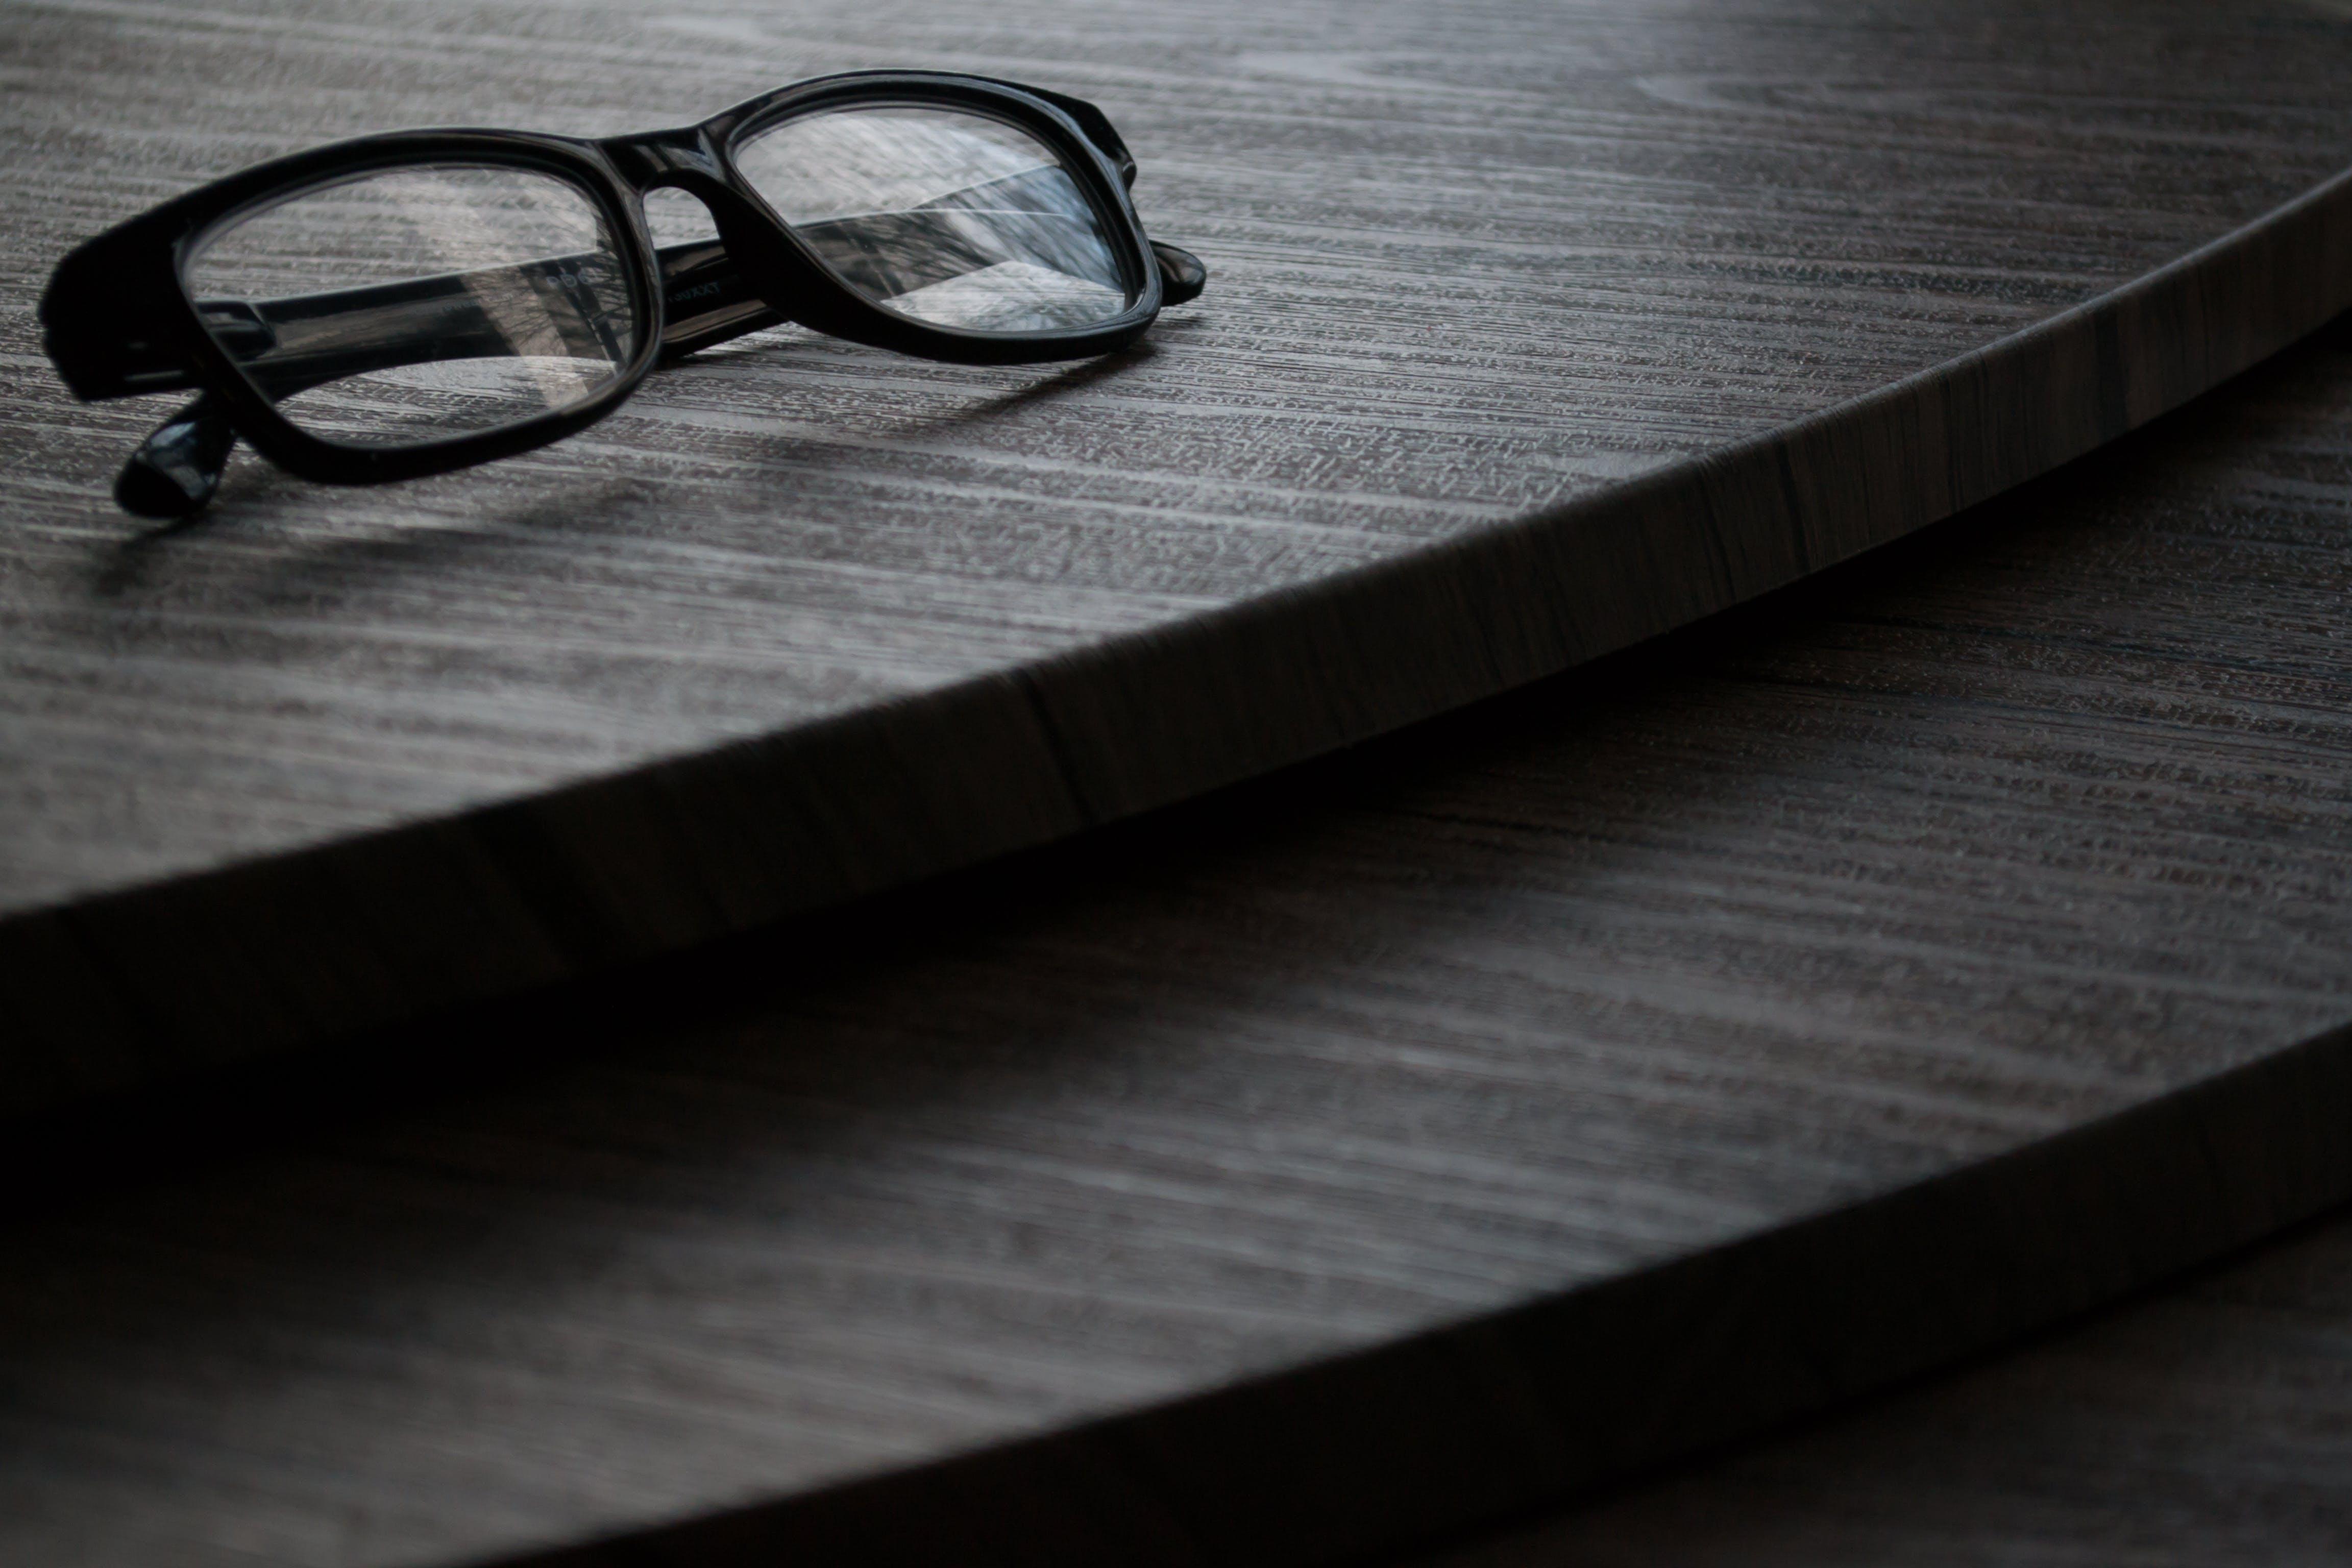 Black Framed Eyeglasses on Brown Surface